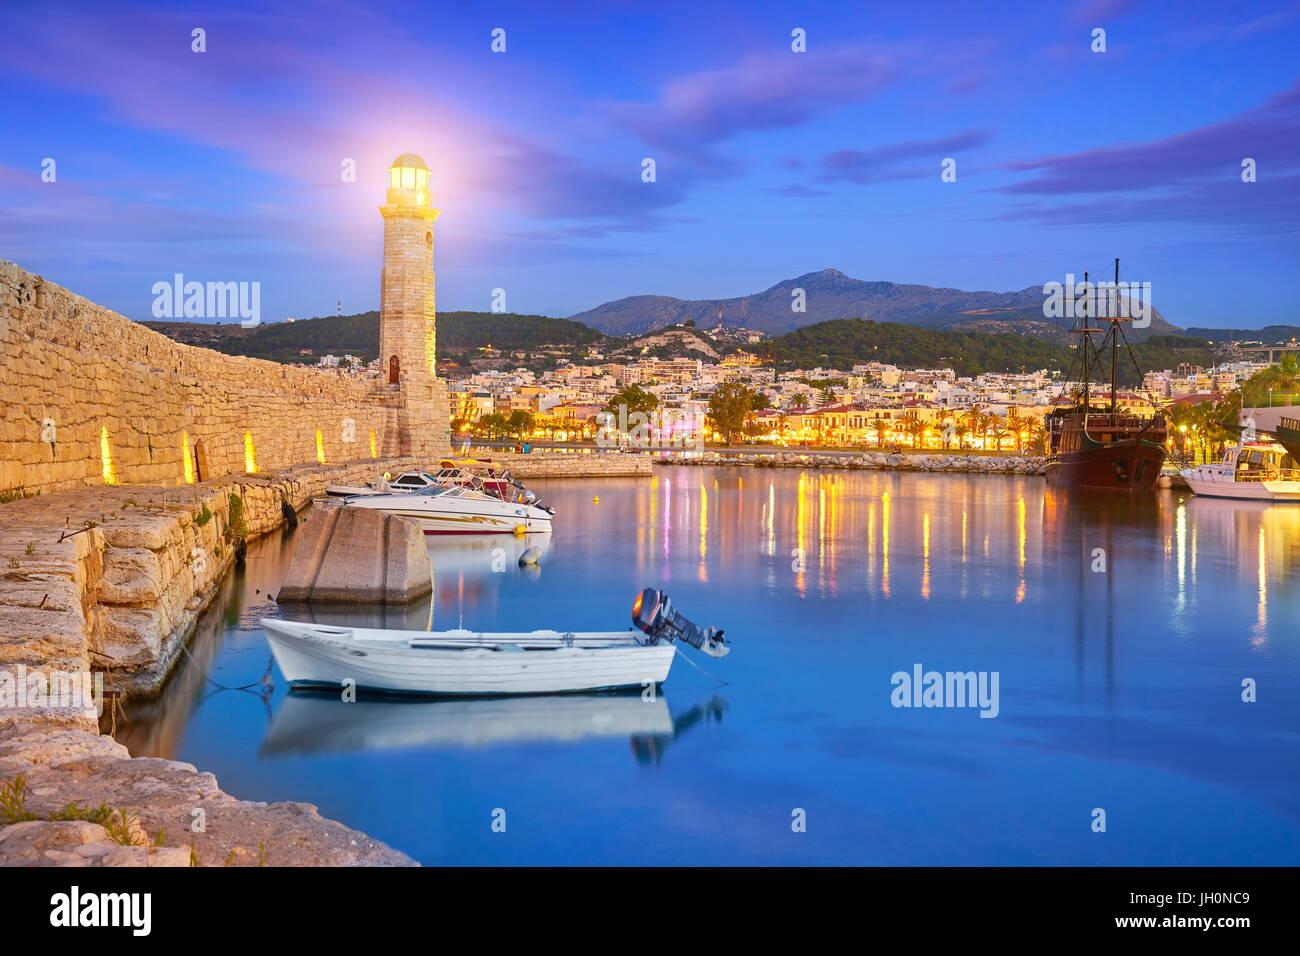 Insel Kreta - Leuchtturm am alten Venezianischen Hafen, Rethymno, Griechenland Stockbild